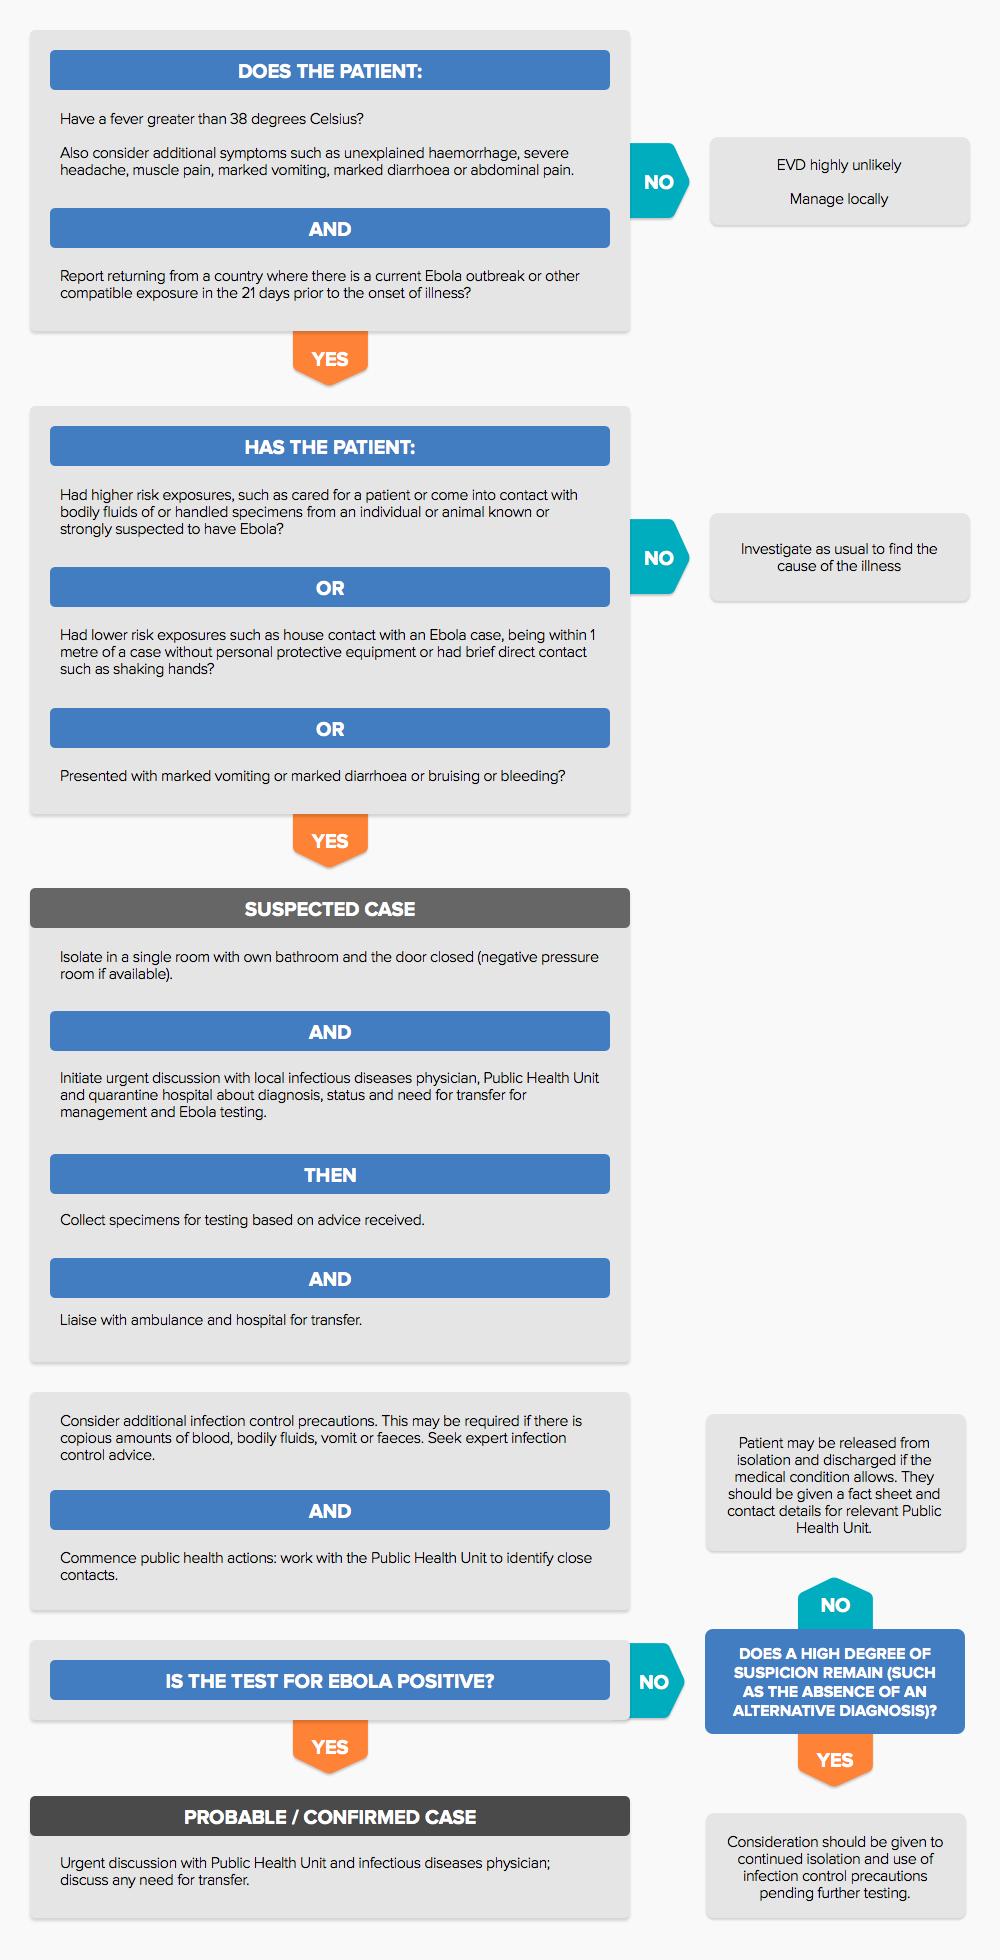 Flowchart of Ebola patient assessment.